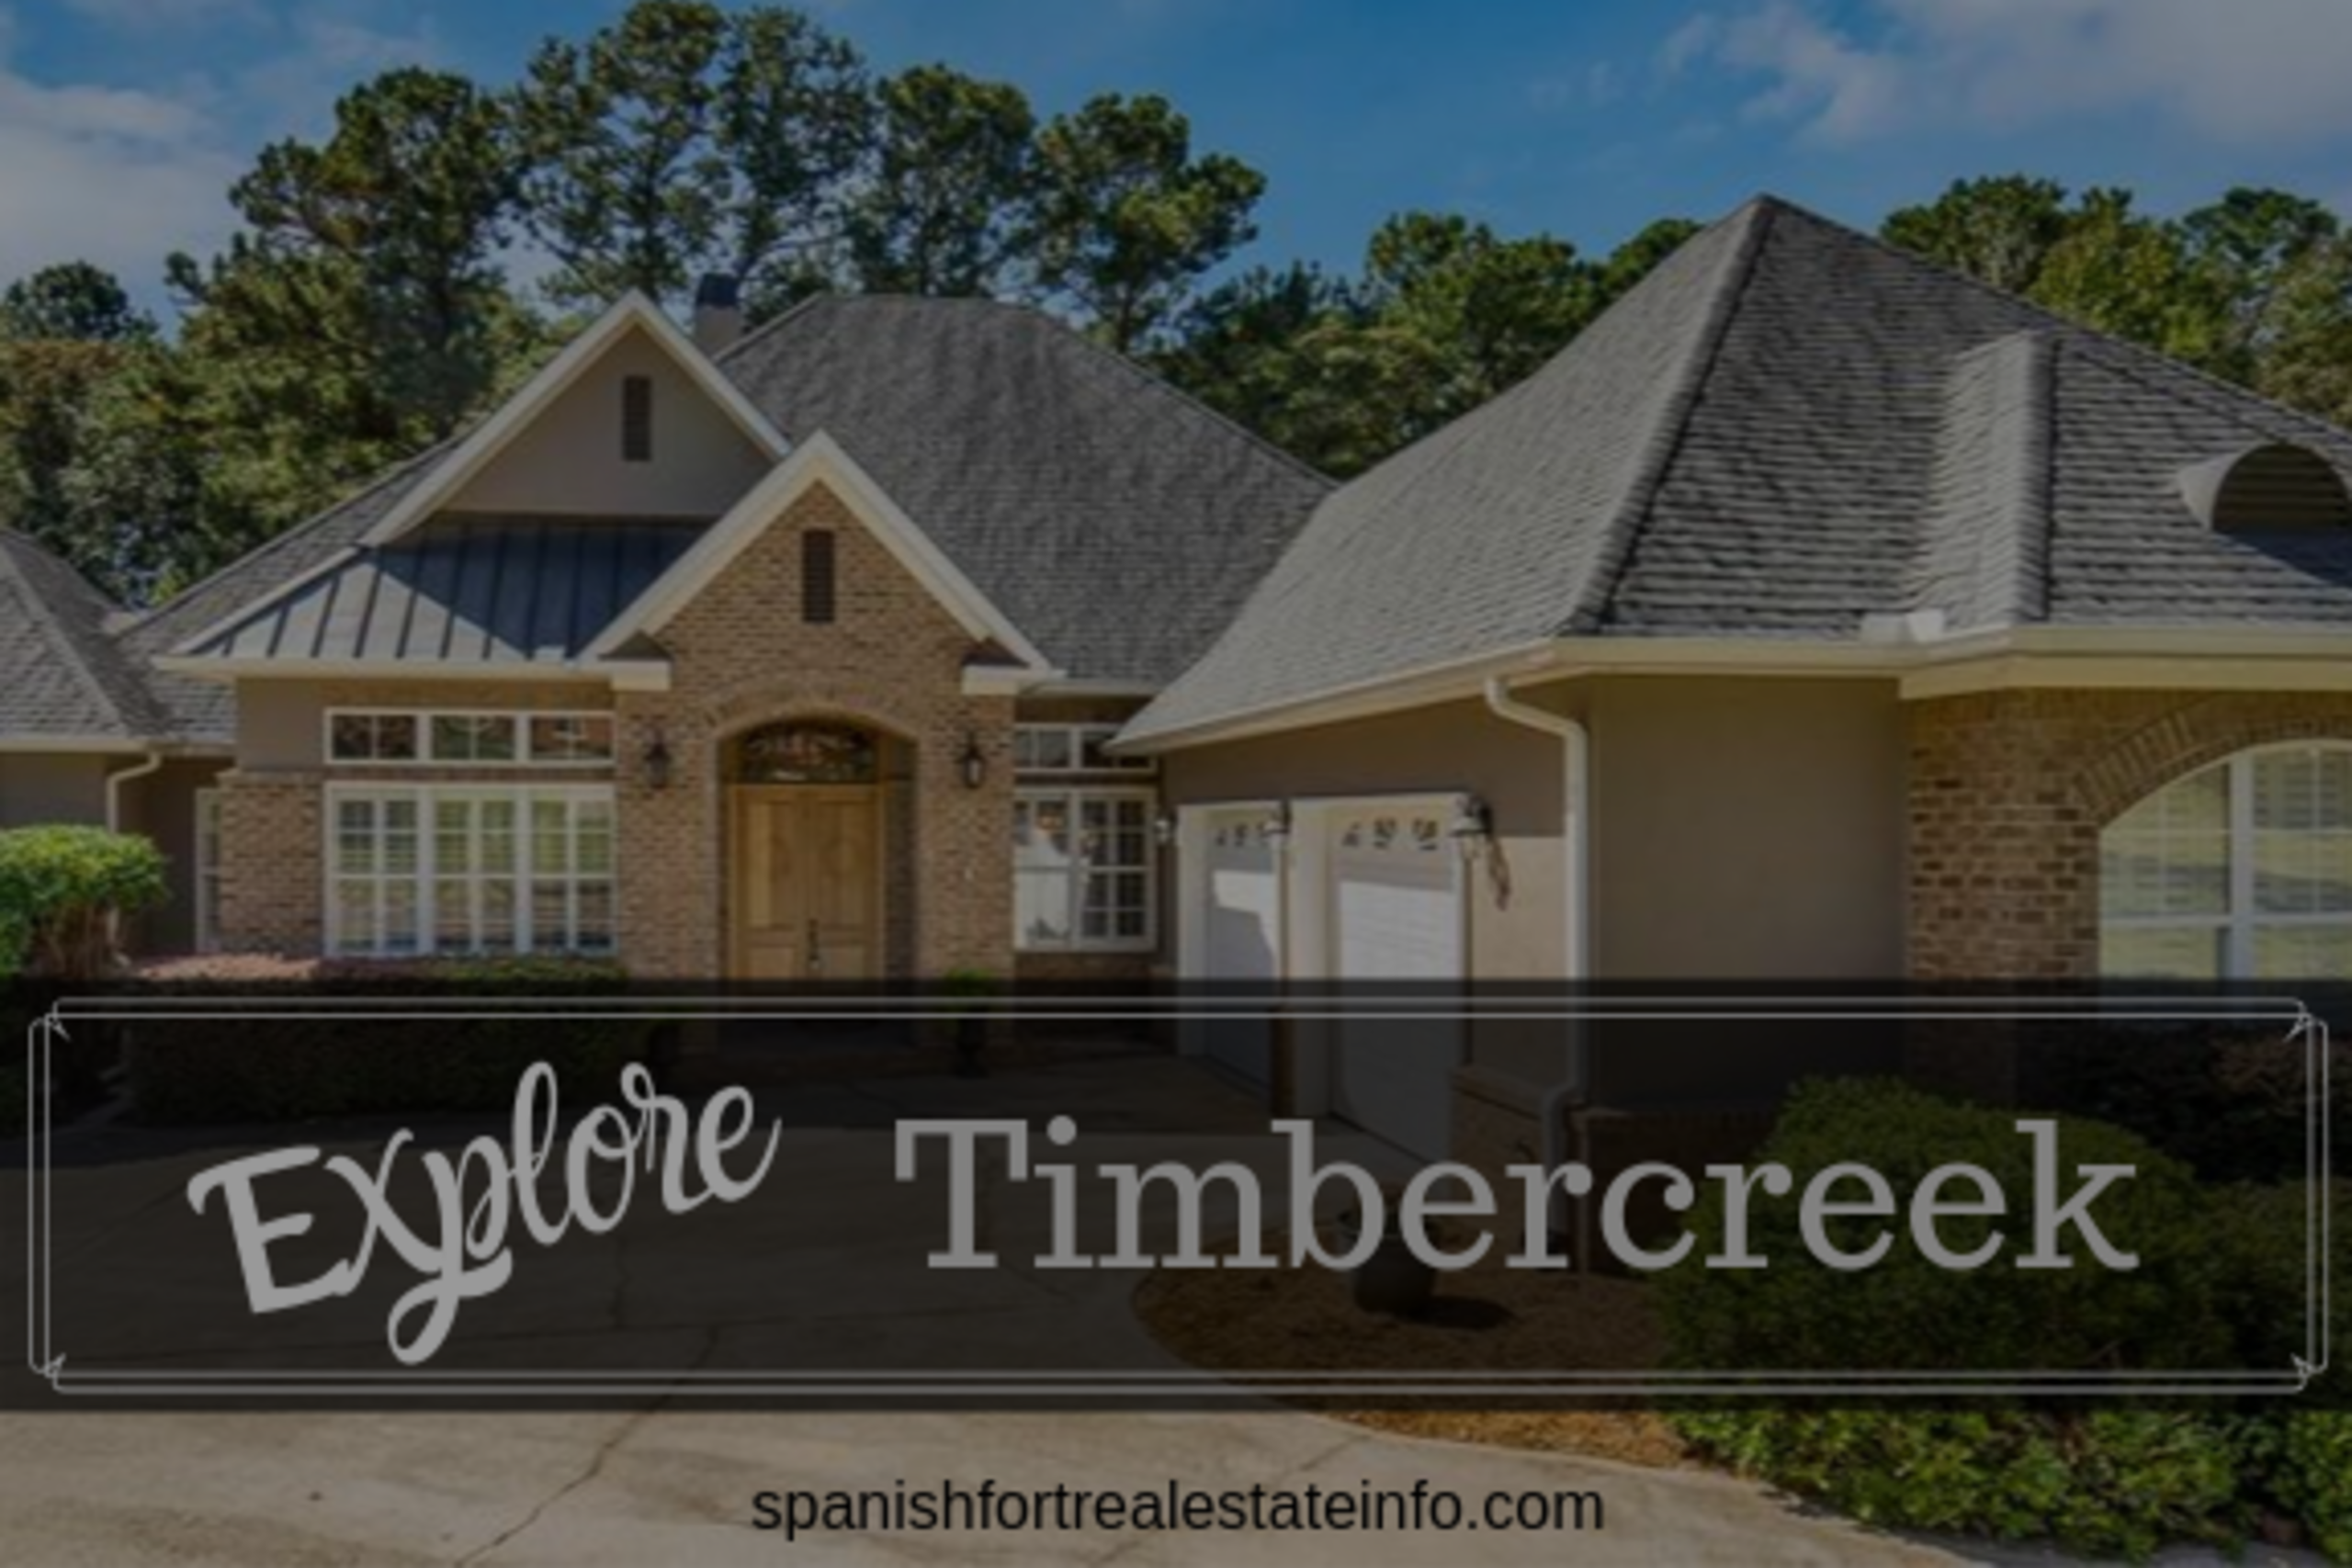 Explore Timbercreek